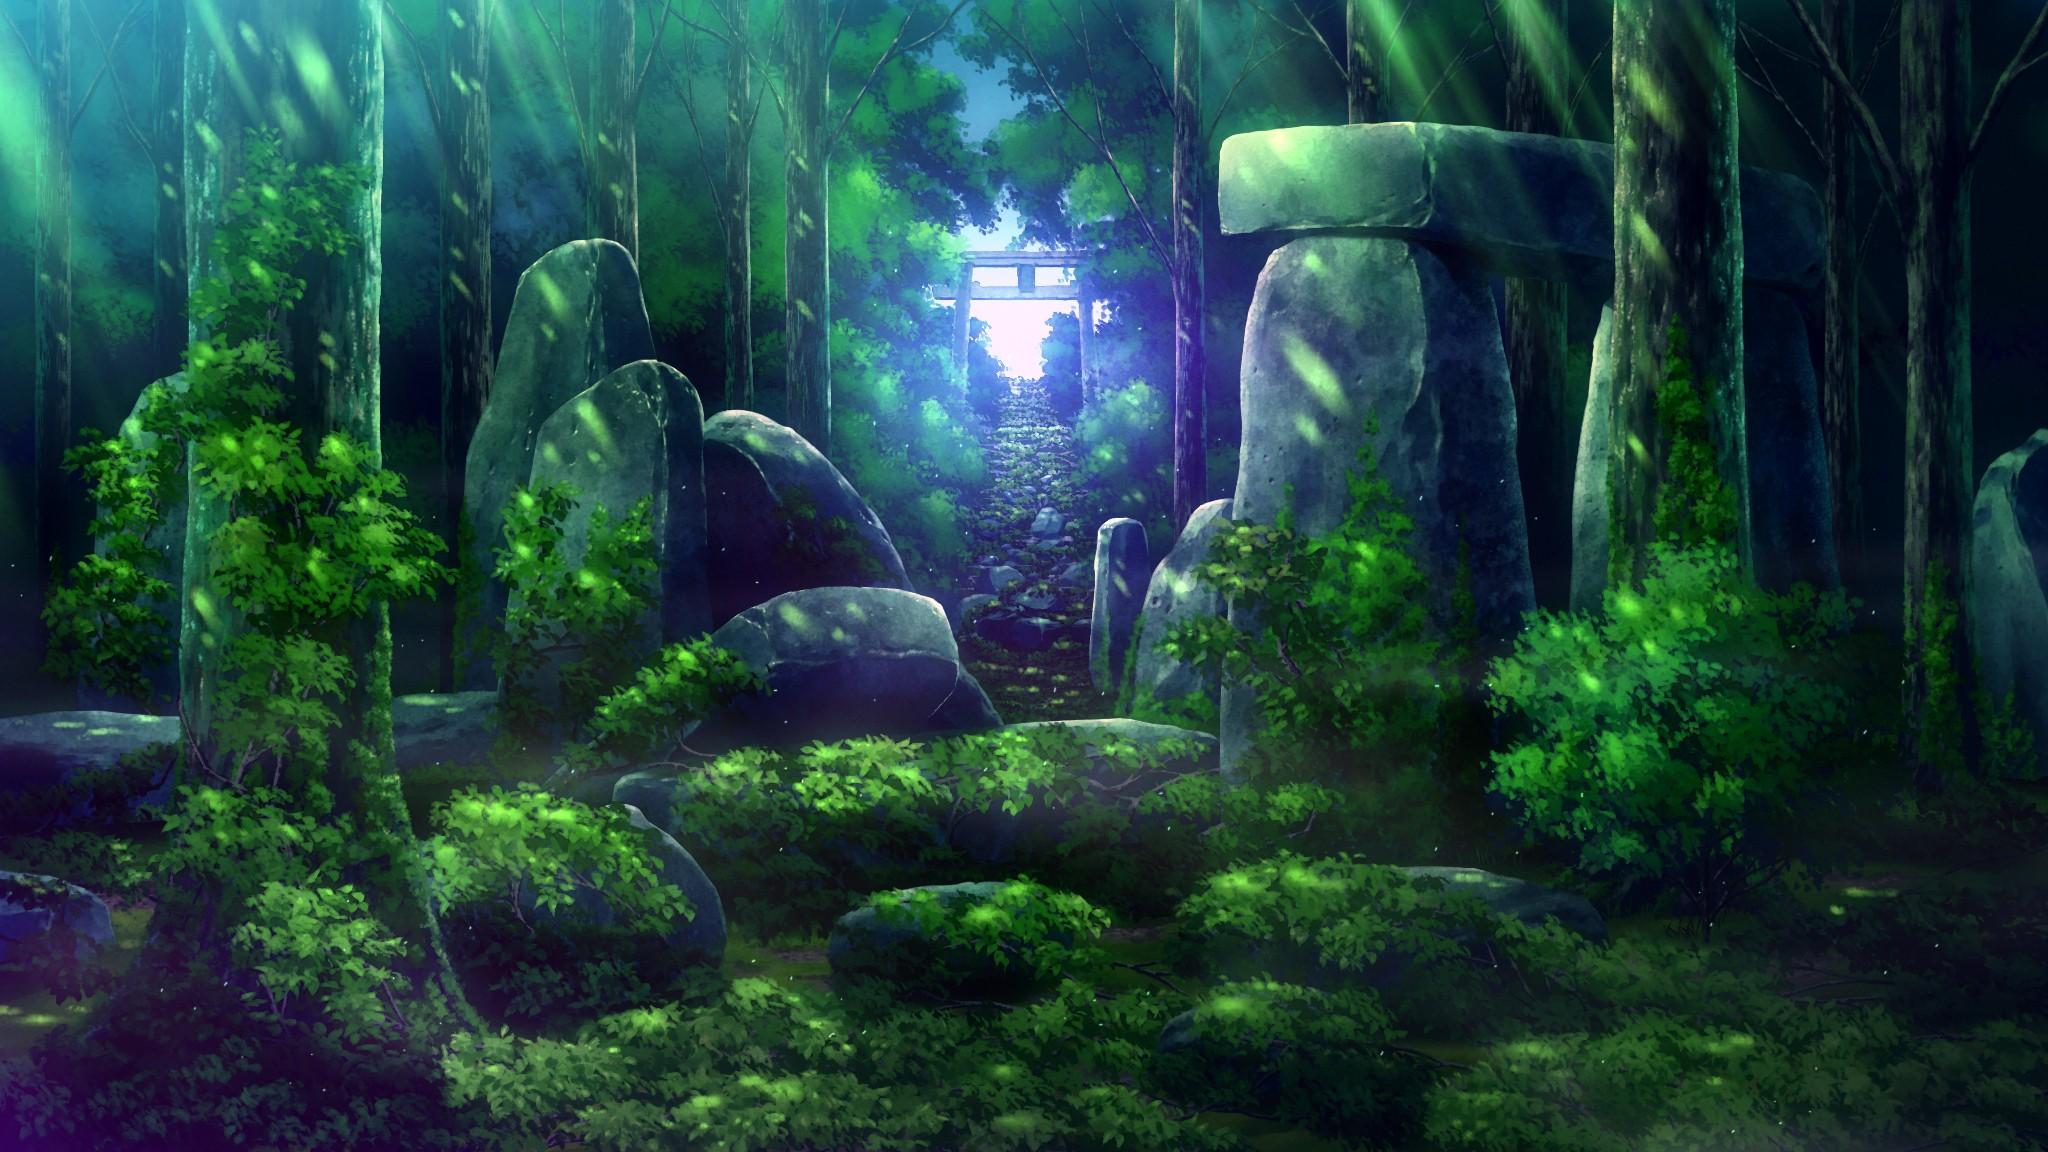 Картинки леса из аниме